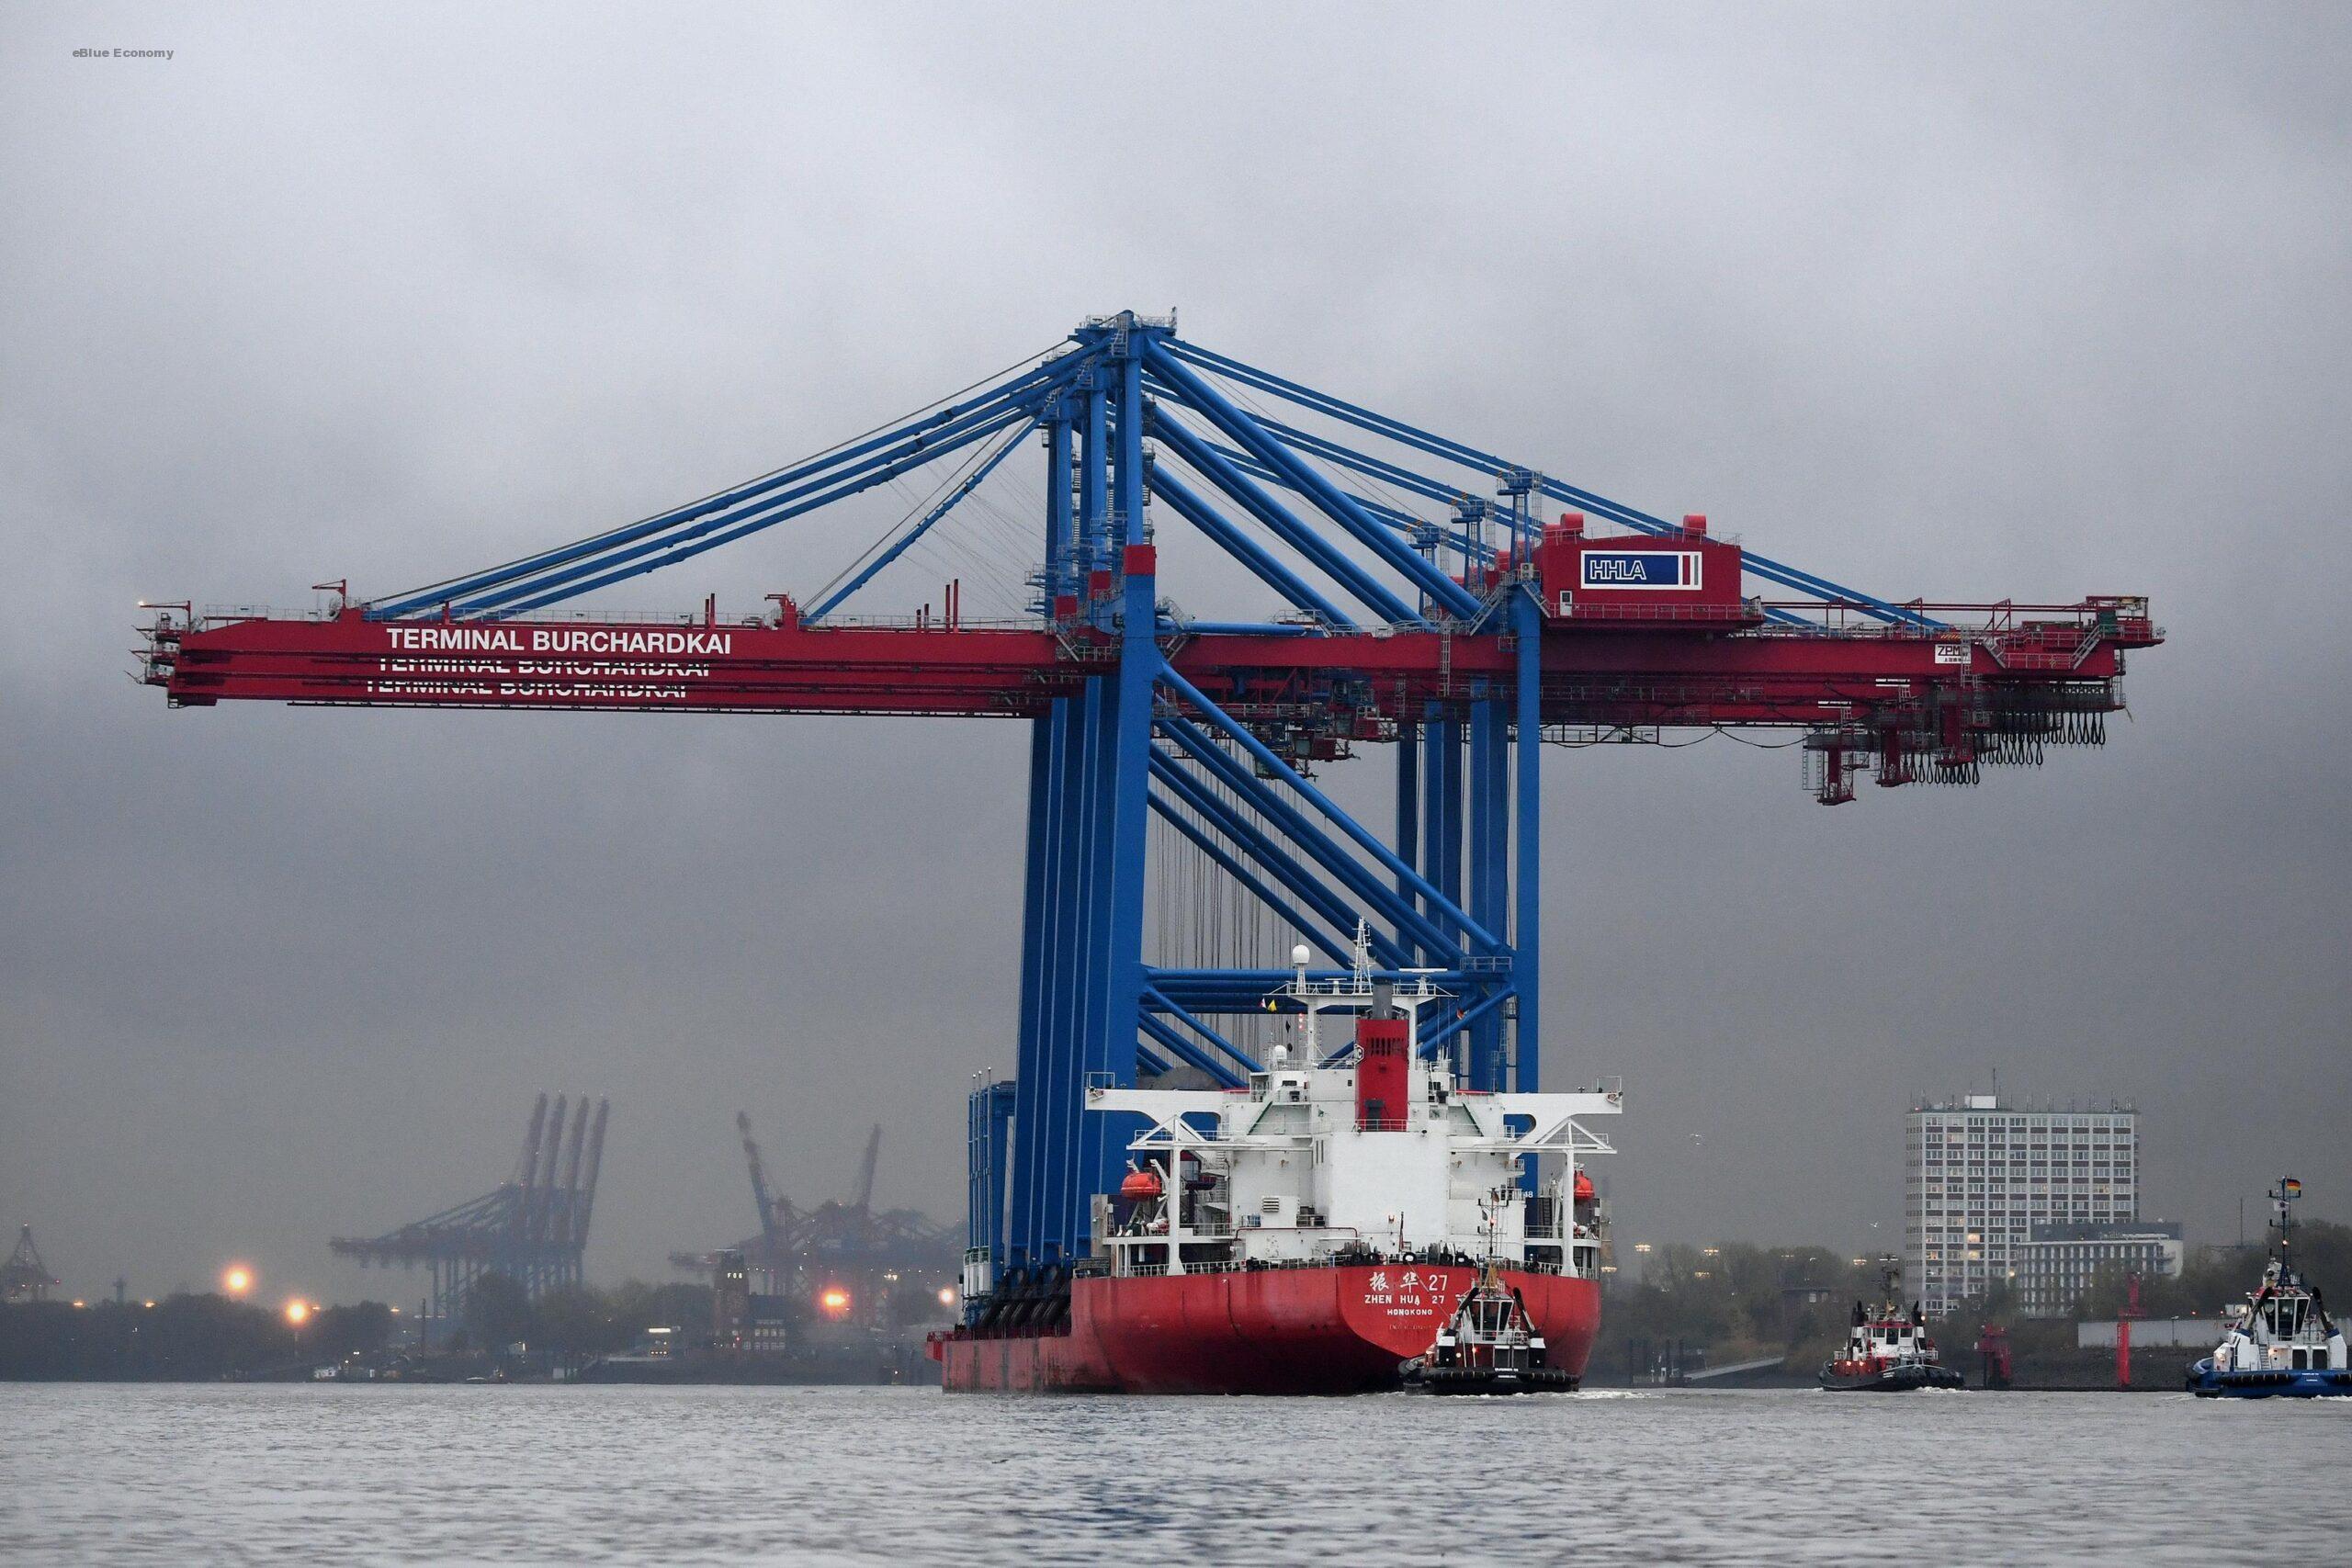 eBlue_economy_Germany_Port of Hamburg